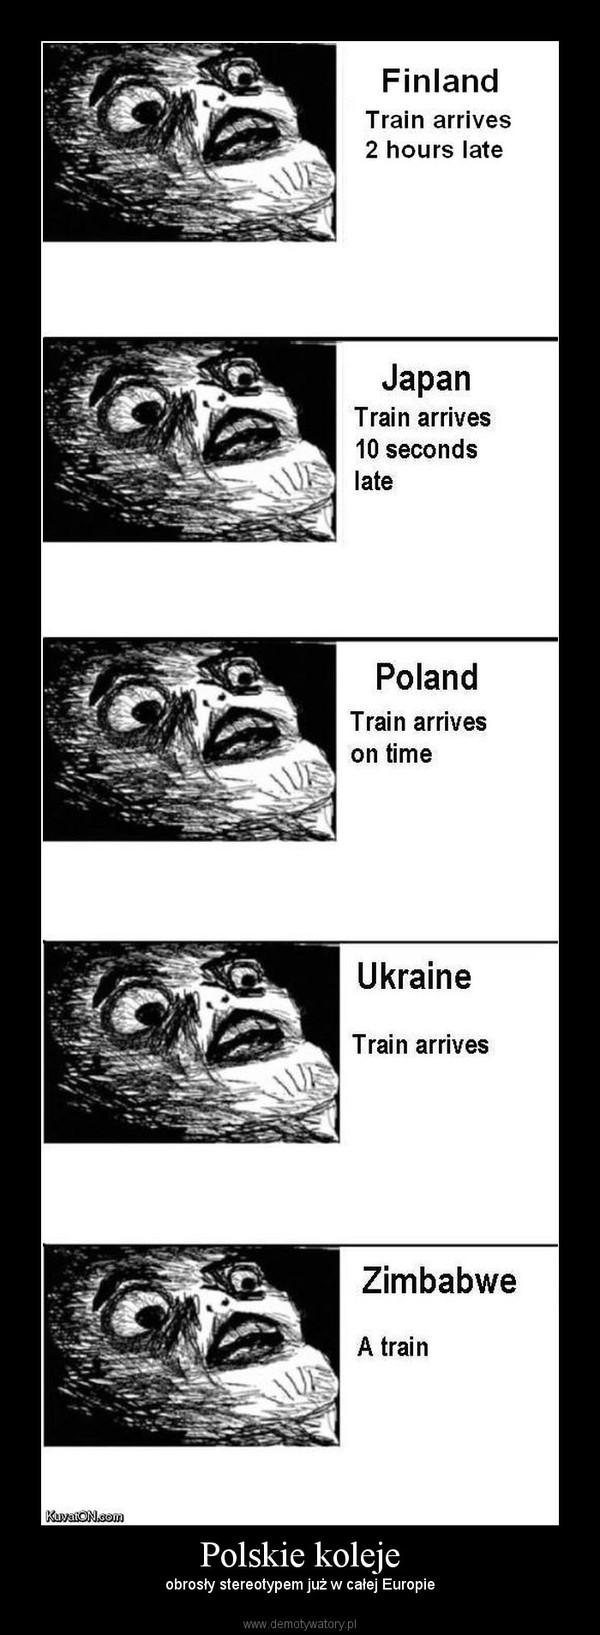 Polskie koleje – obrosły stereotypem już w całej Europie